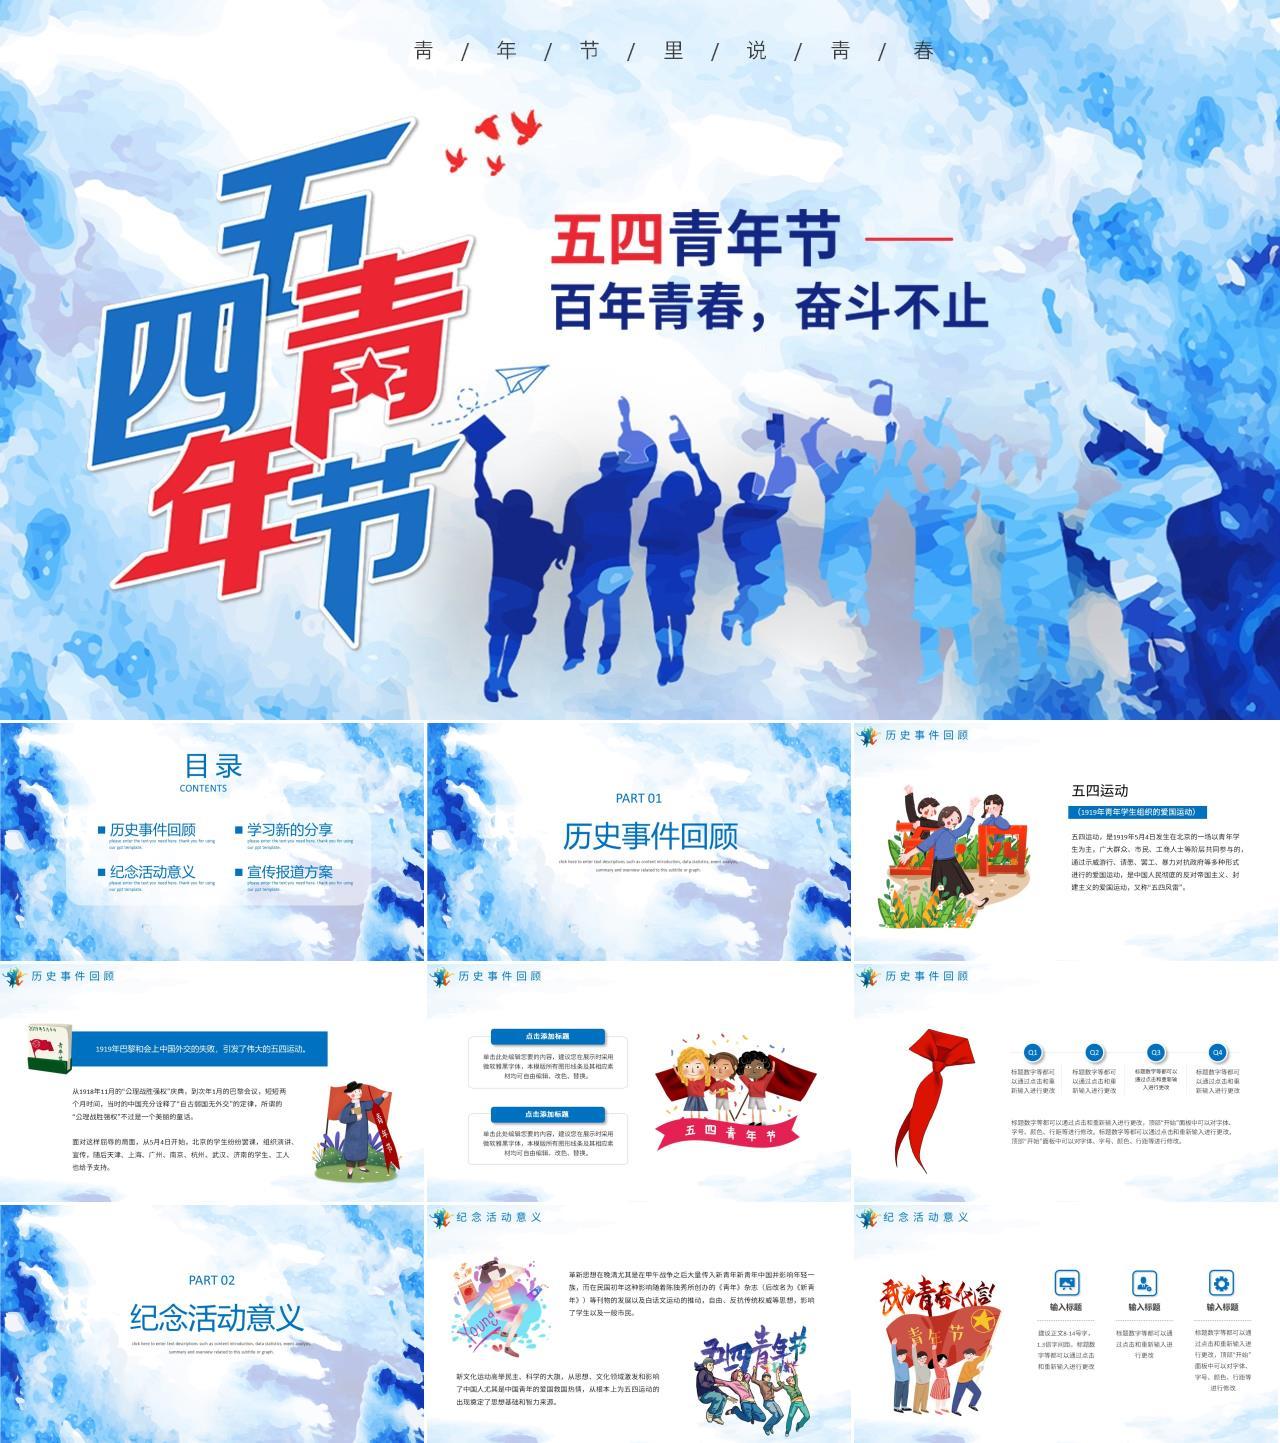 蓝色水彩五四青年节活动策划PPT模板